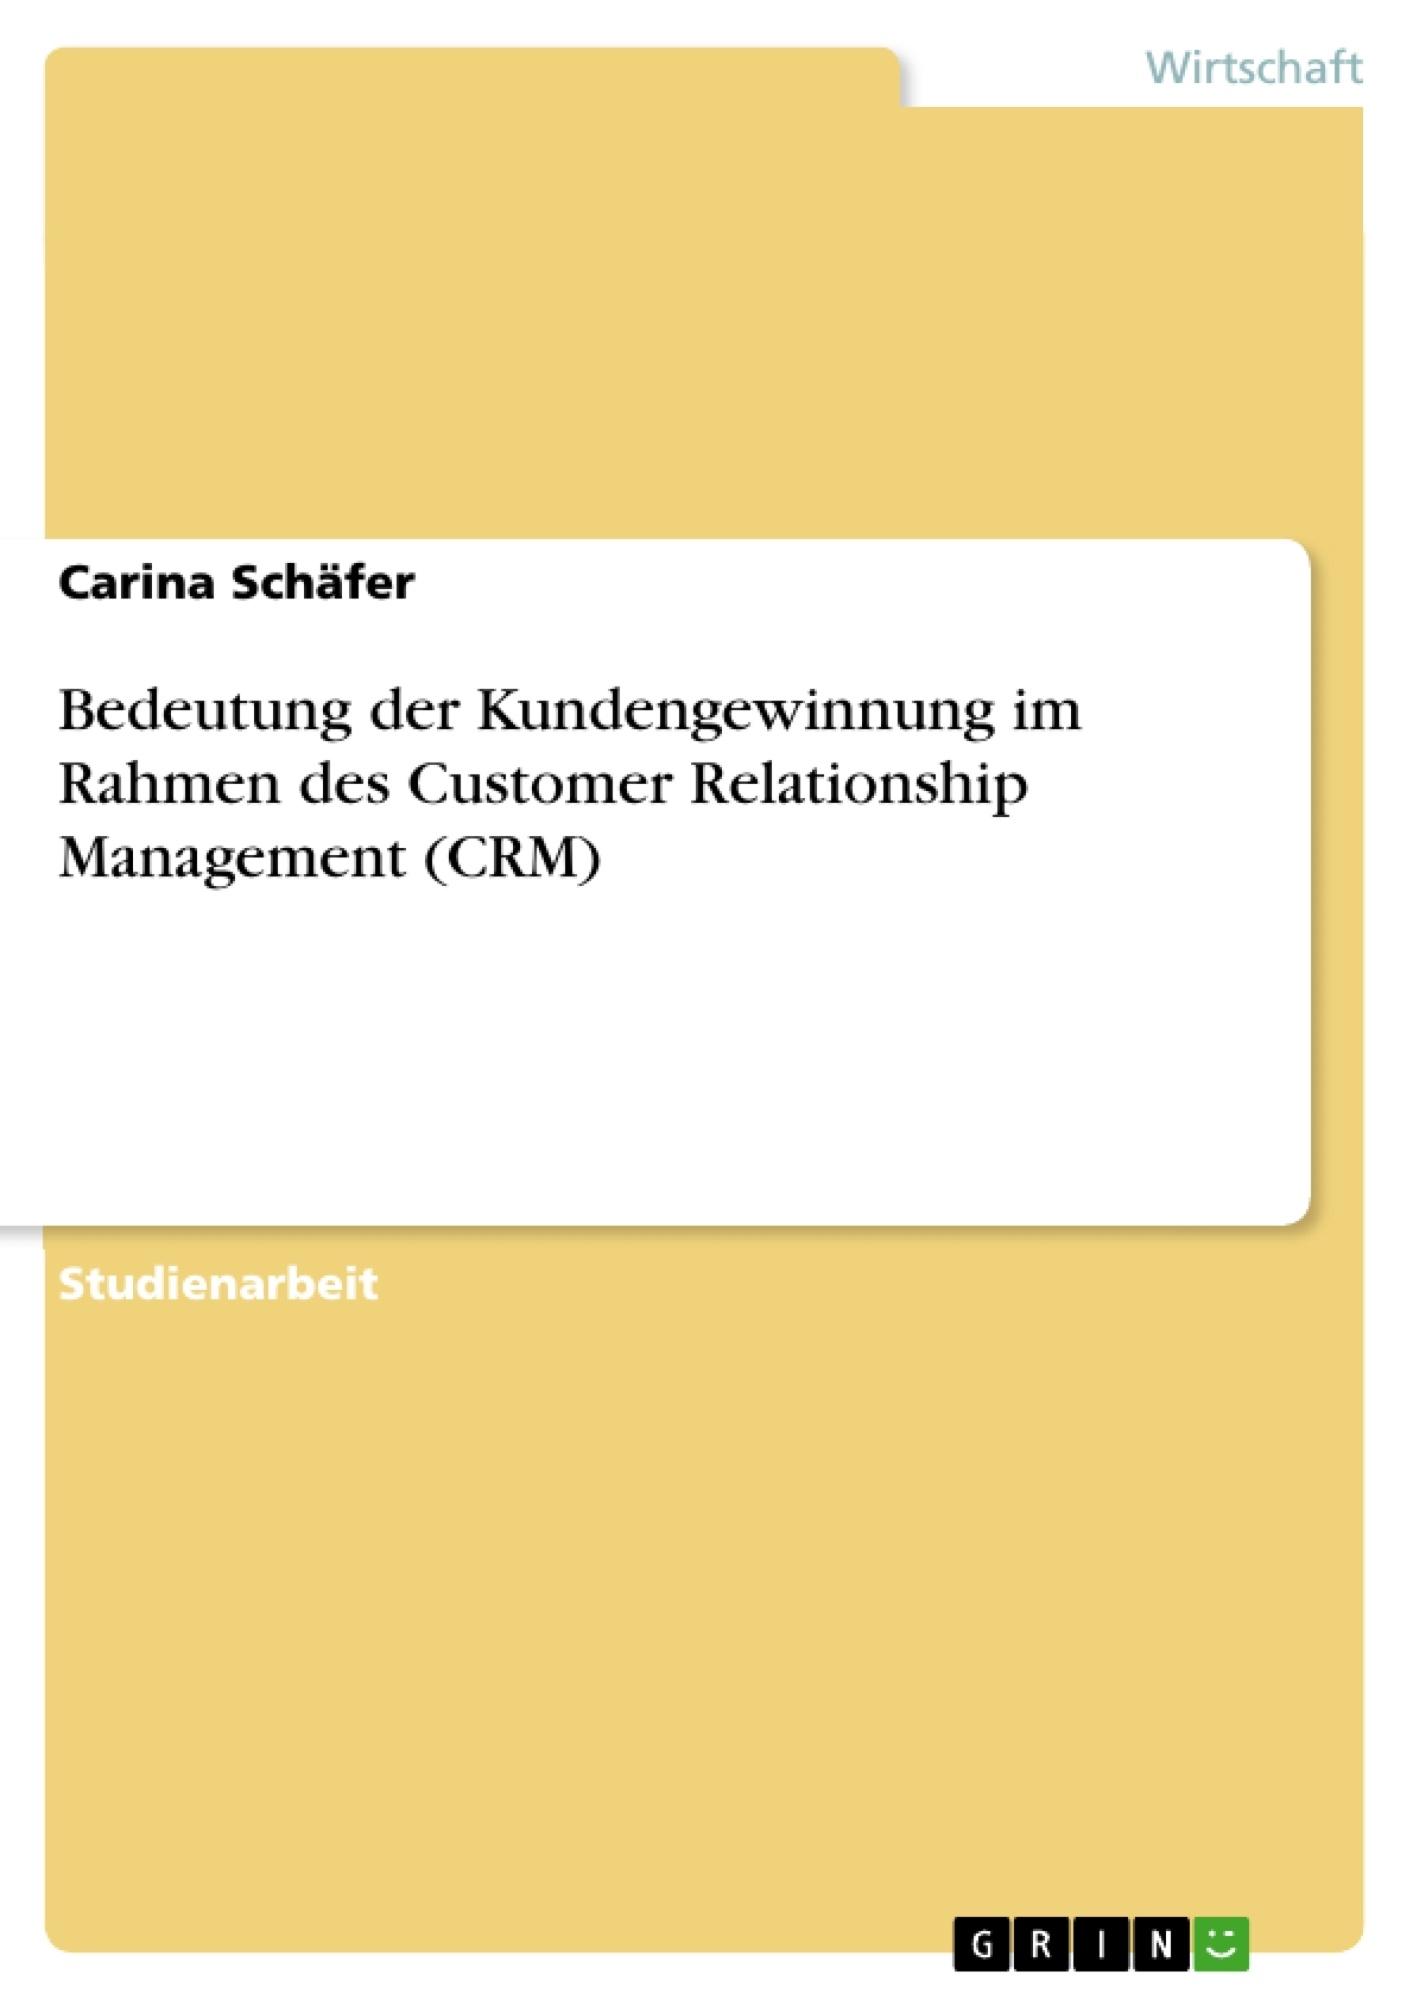 Titel: Bedeutung der Kundengewinnung im Rahmen des Customer Relationship Management (CRM)